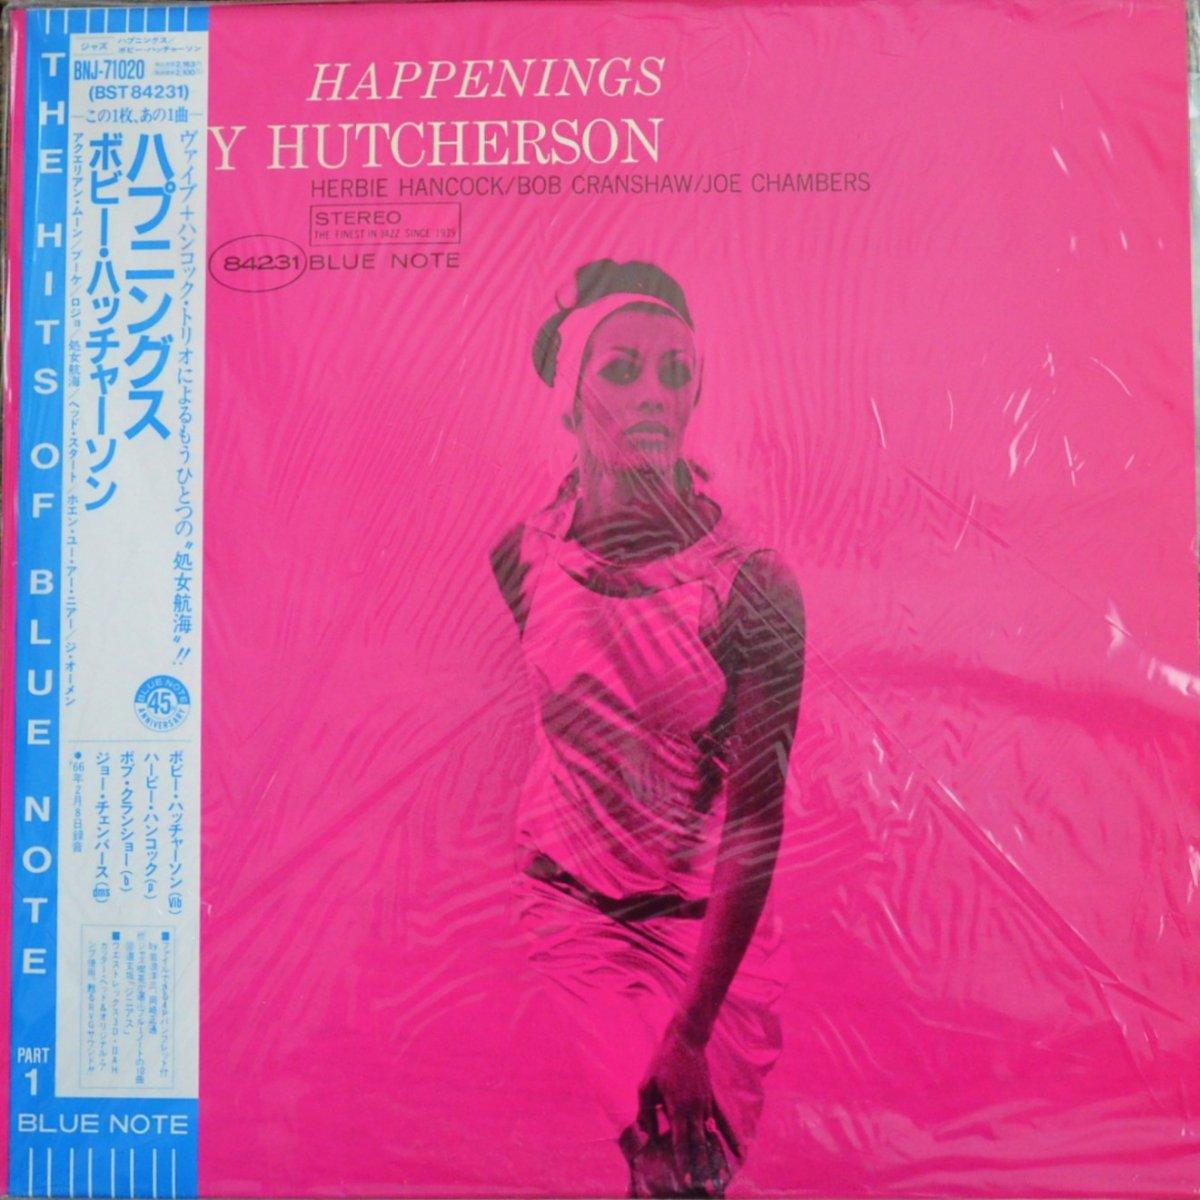 ボビー・ハッチャーソン BOBBY HUTCHERSON / ハプニングス HAPPENINGS (LP)